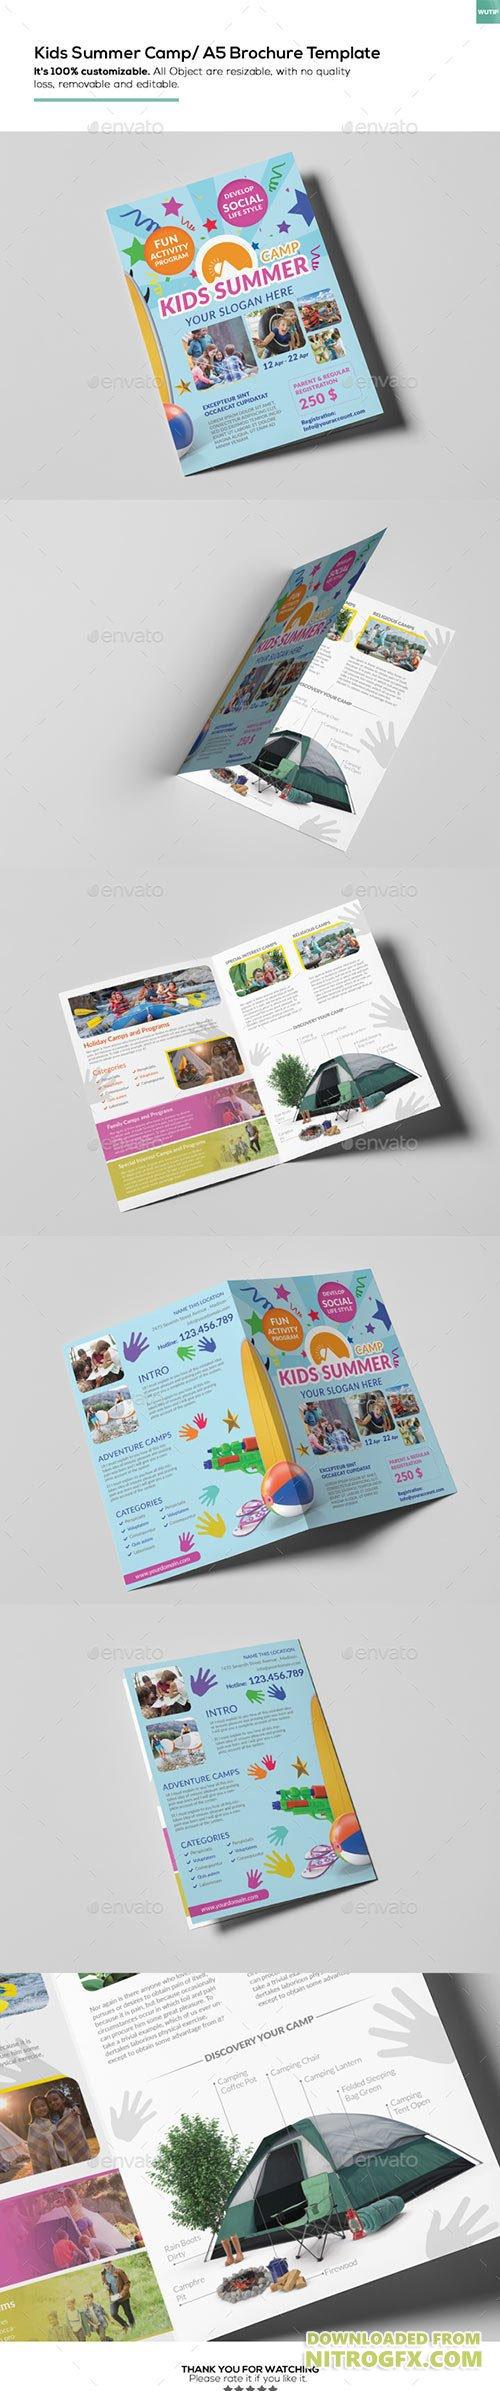 Kids summer camp a5 brochure template 15774830 nitrogfx for A5 brochure template